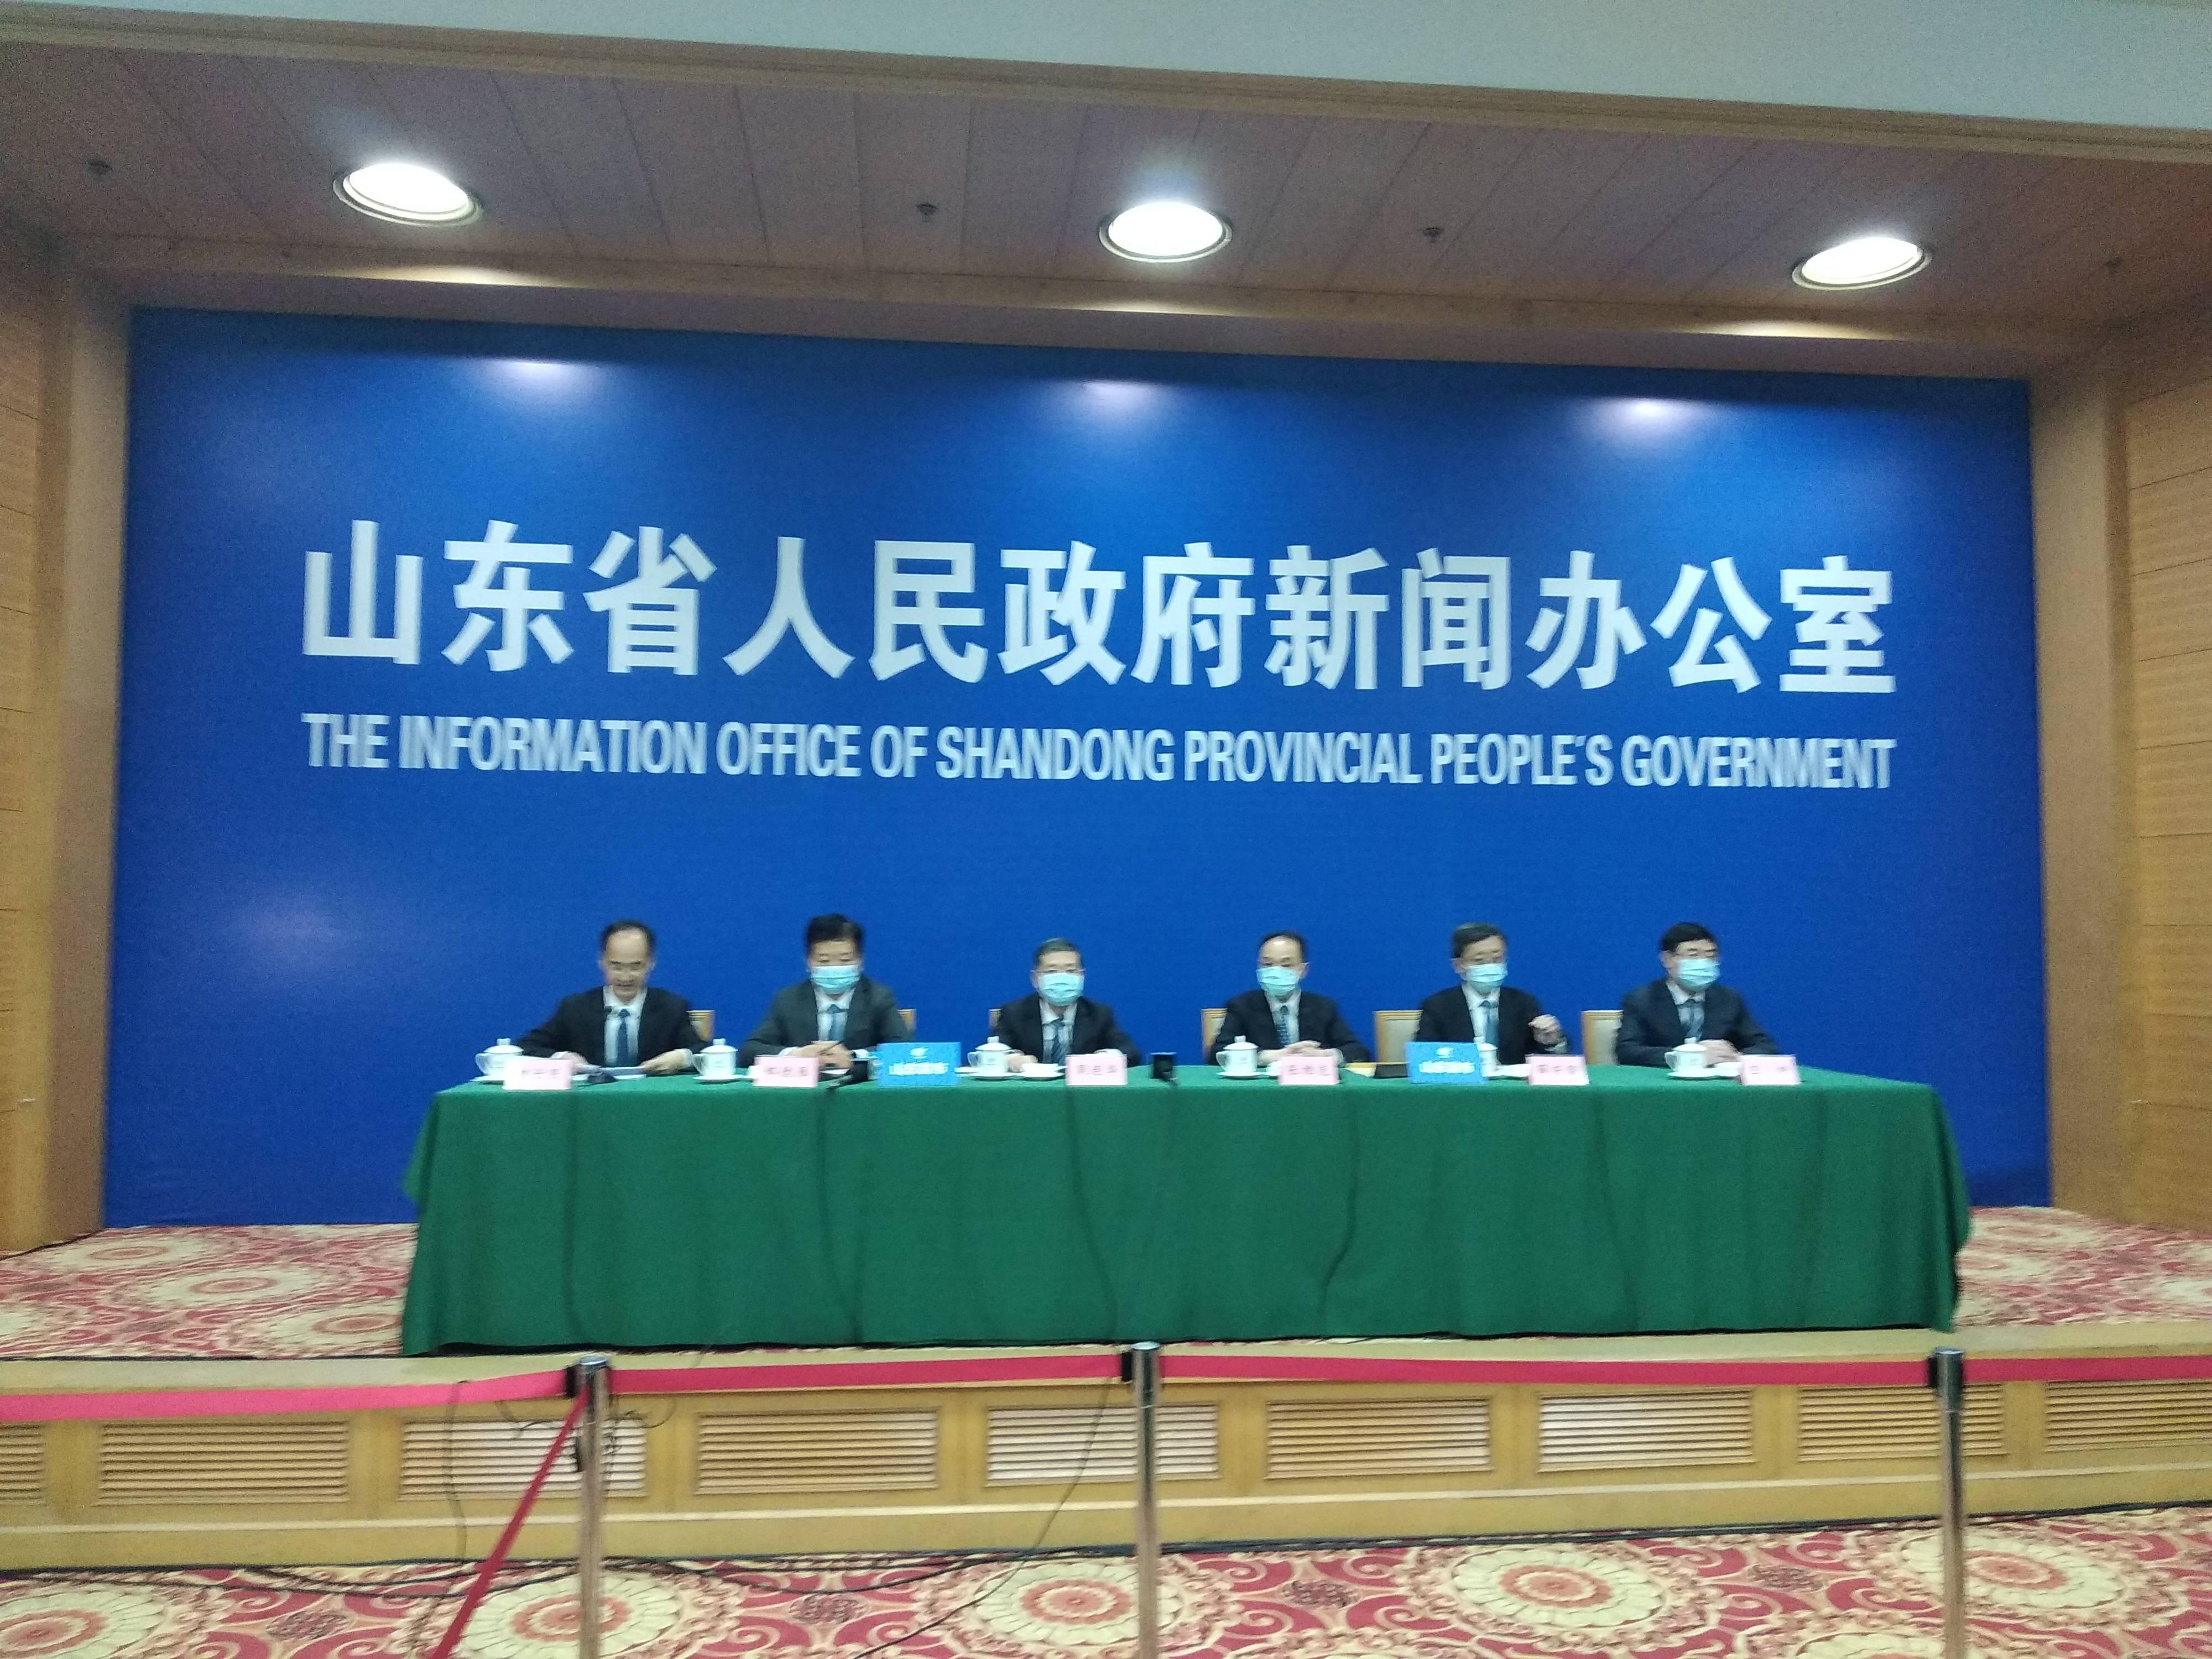 权威发布丨山东将在济青烟打造九大产业集聚区 5年内落地逾200个世界500强及行业领军企业项目